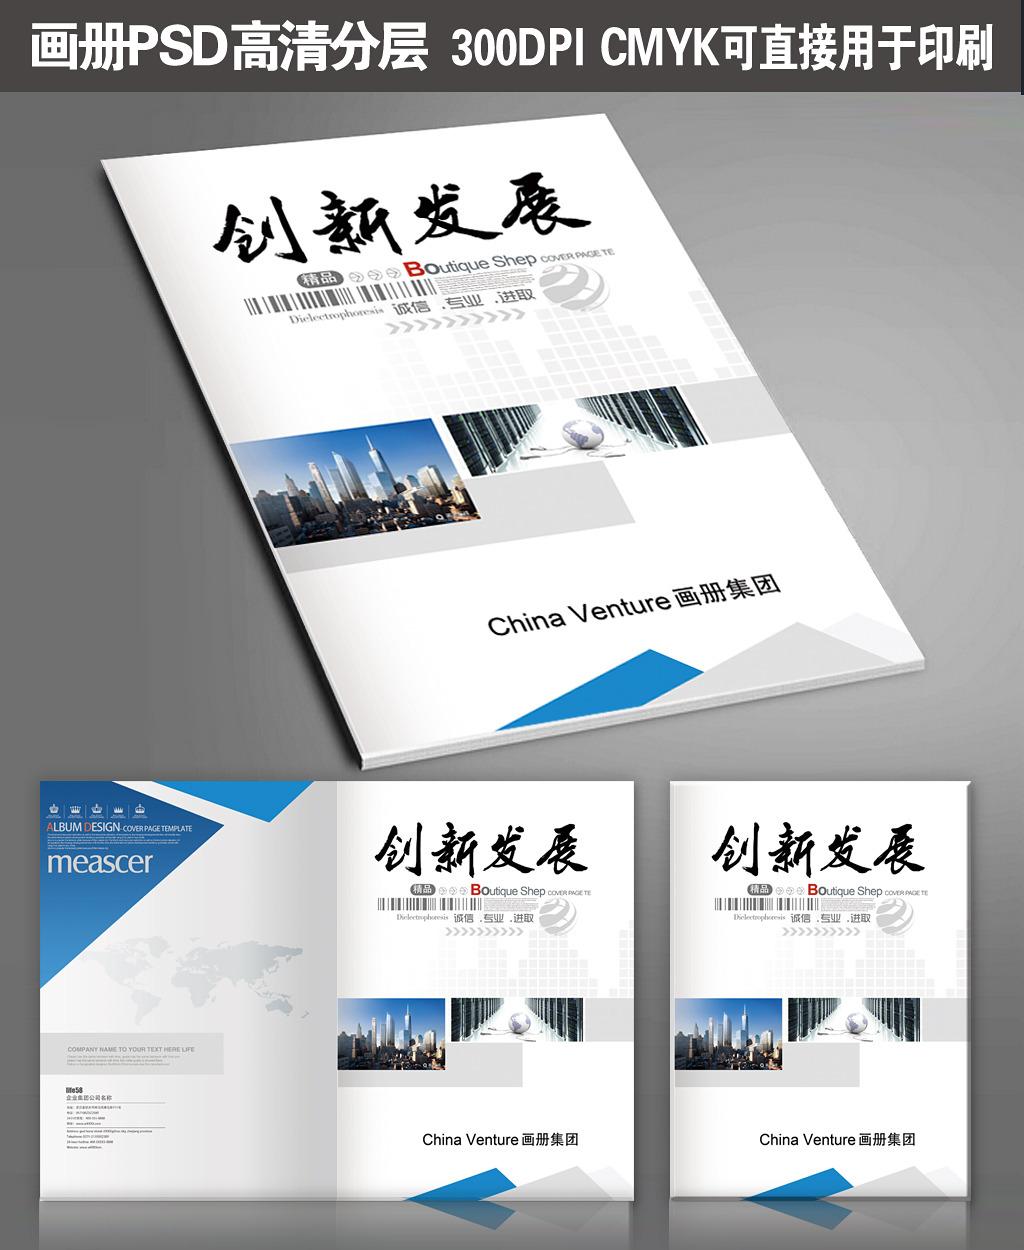 2015 创新发展 画册模板 封面设计 房地产画册 科技画册 商务 合作图片